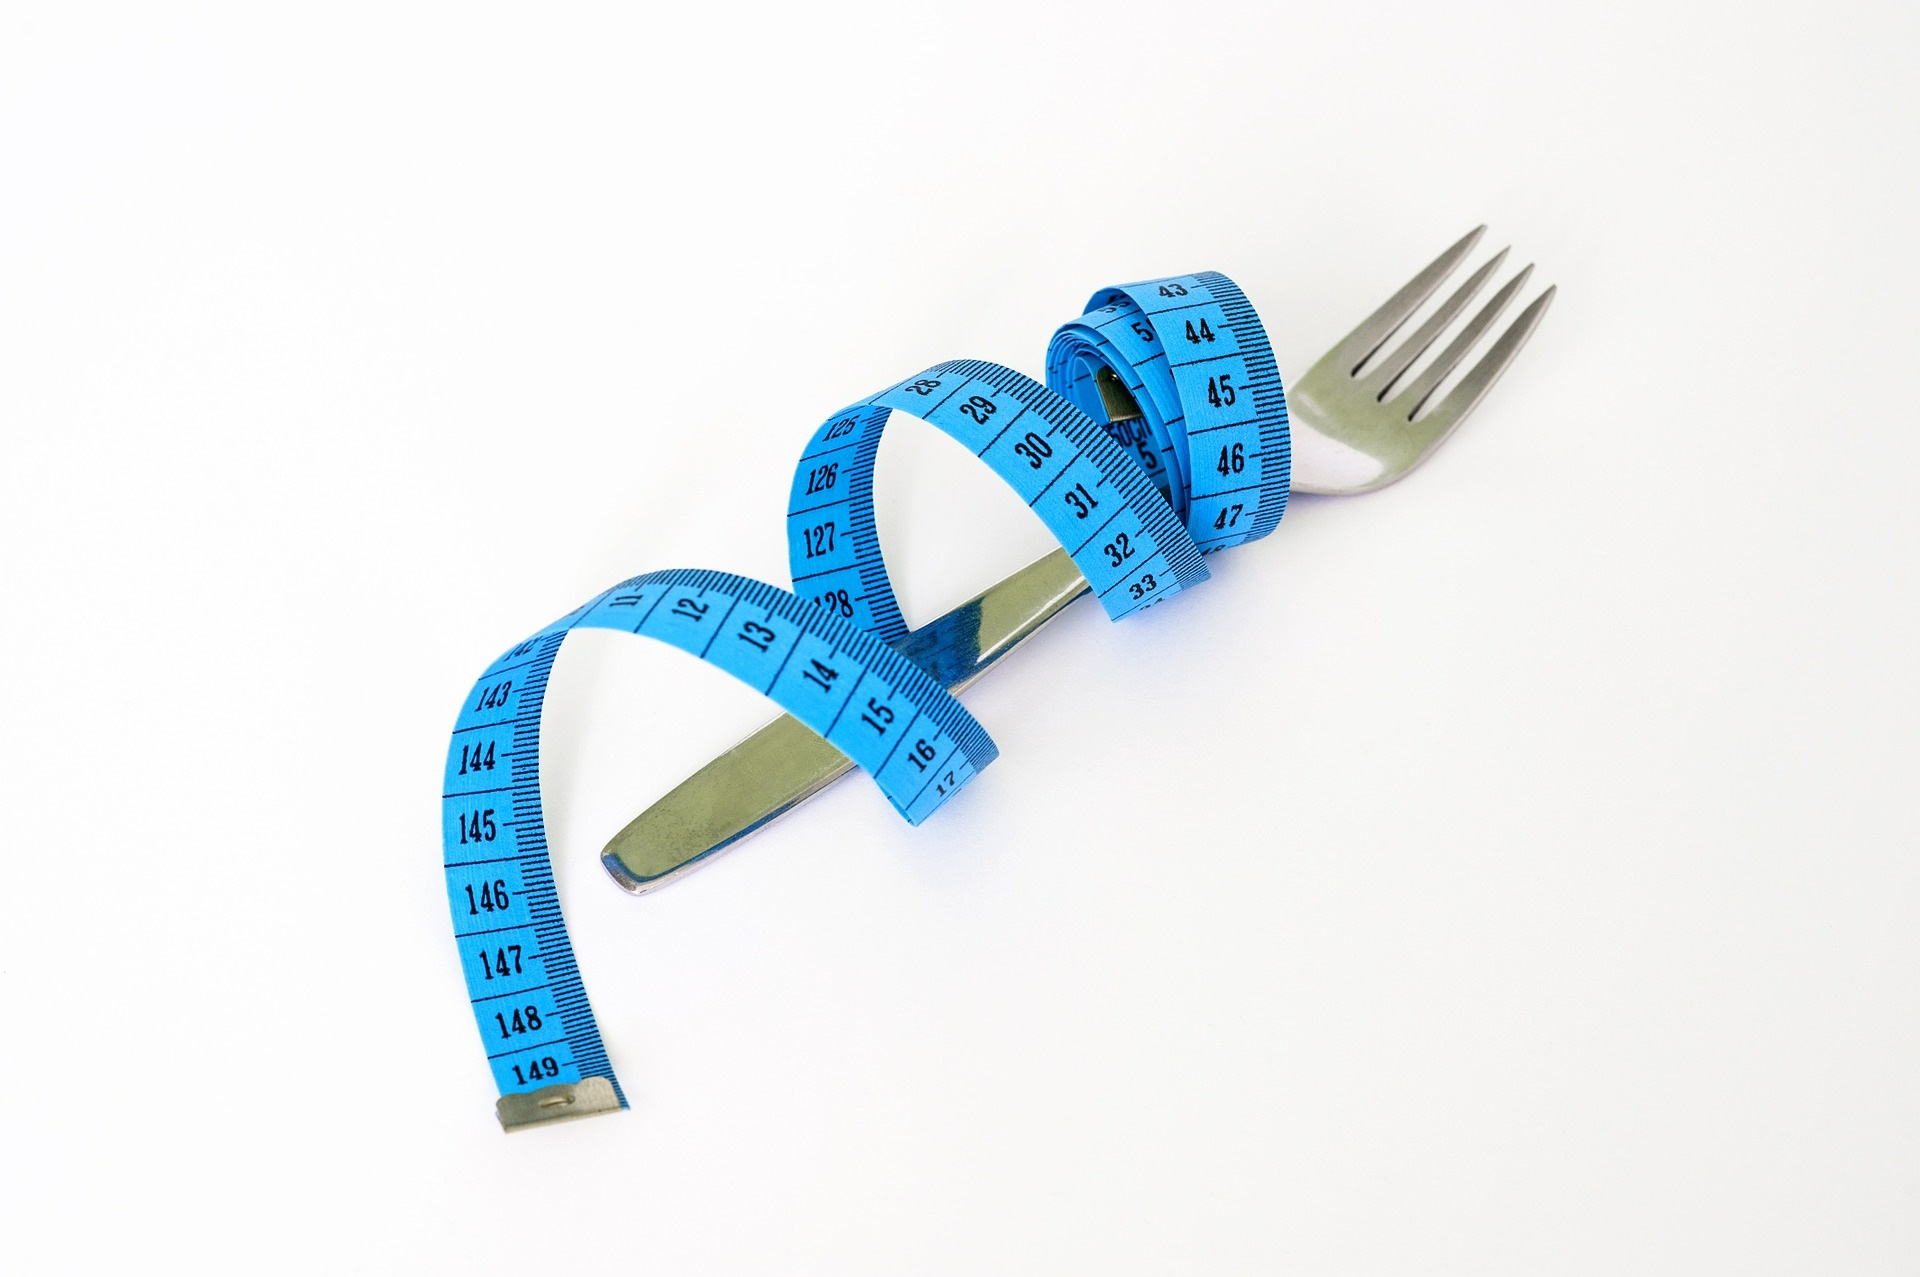 Dem med et BMI på 27 lever længst